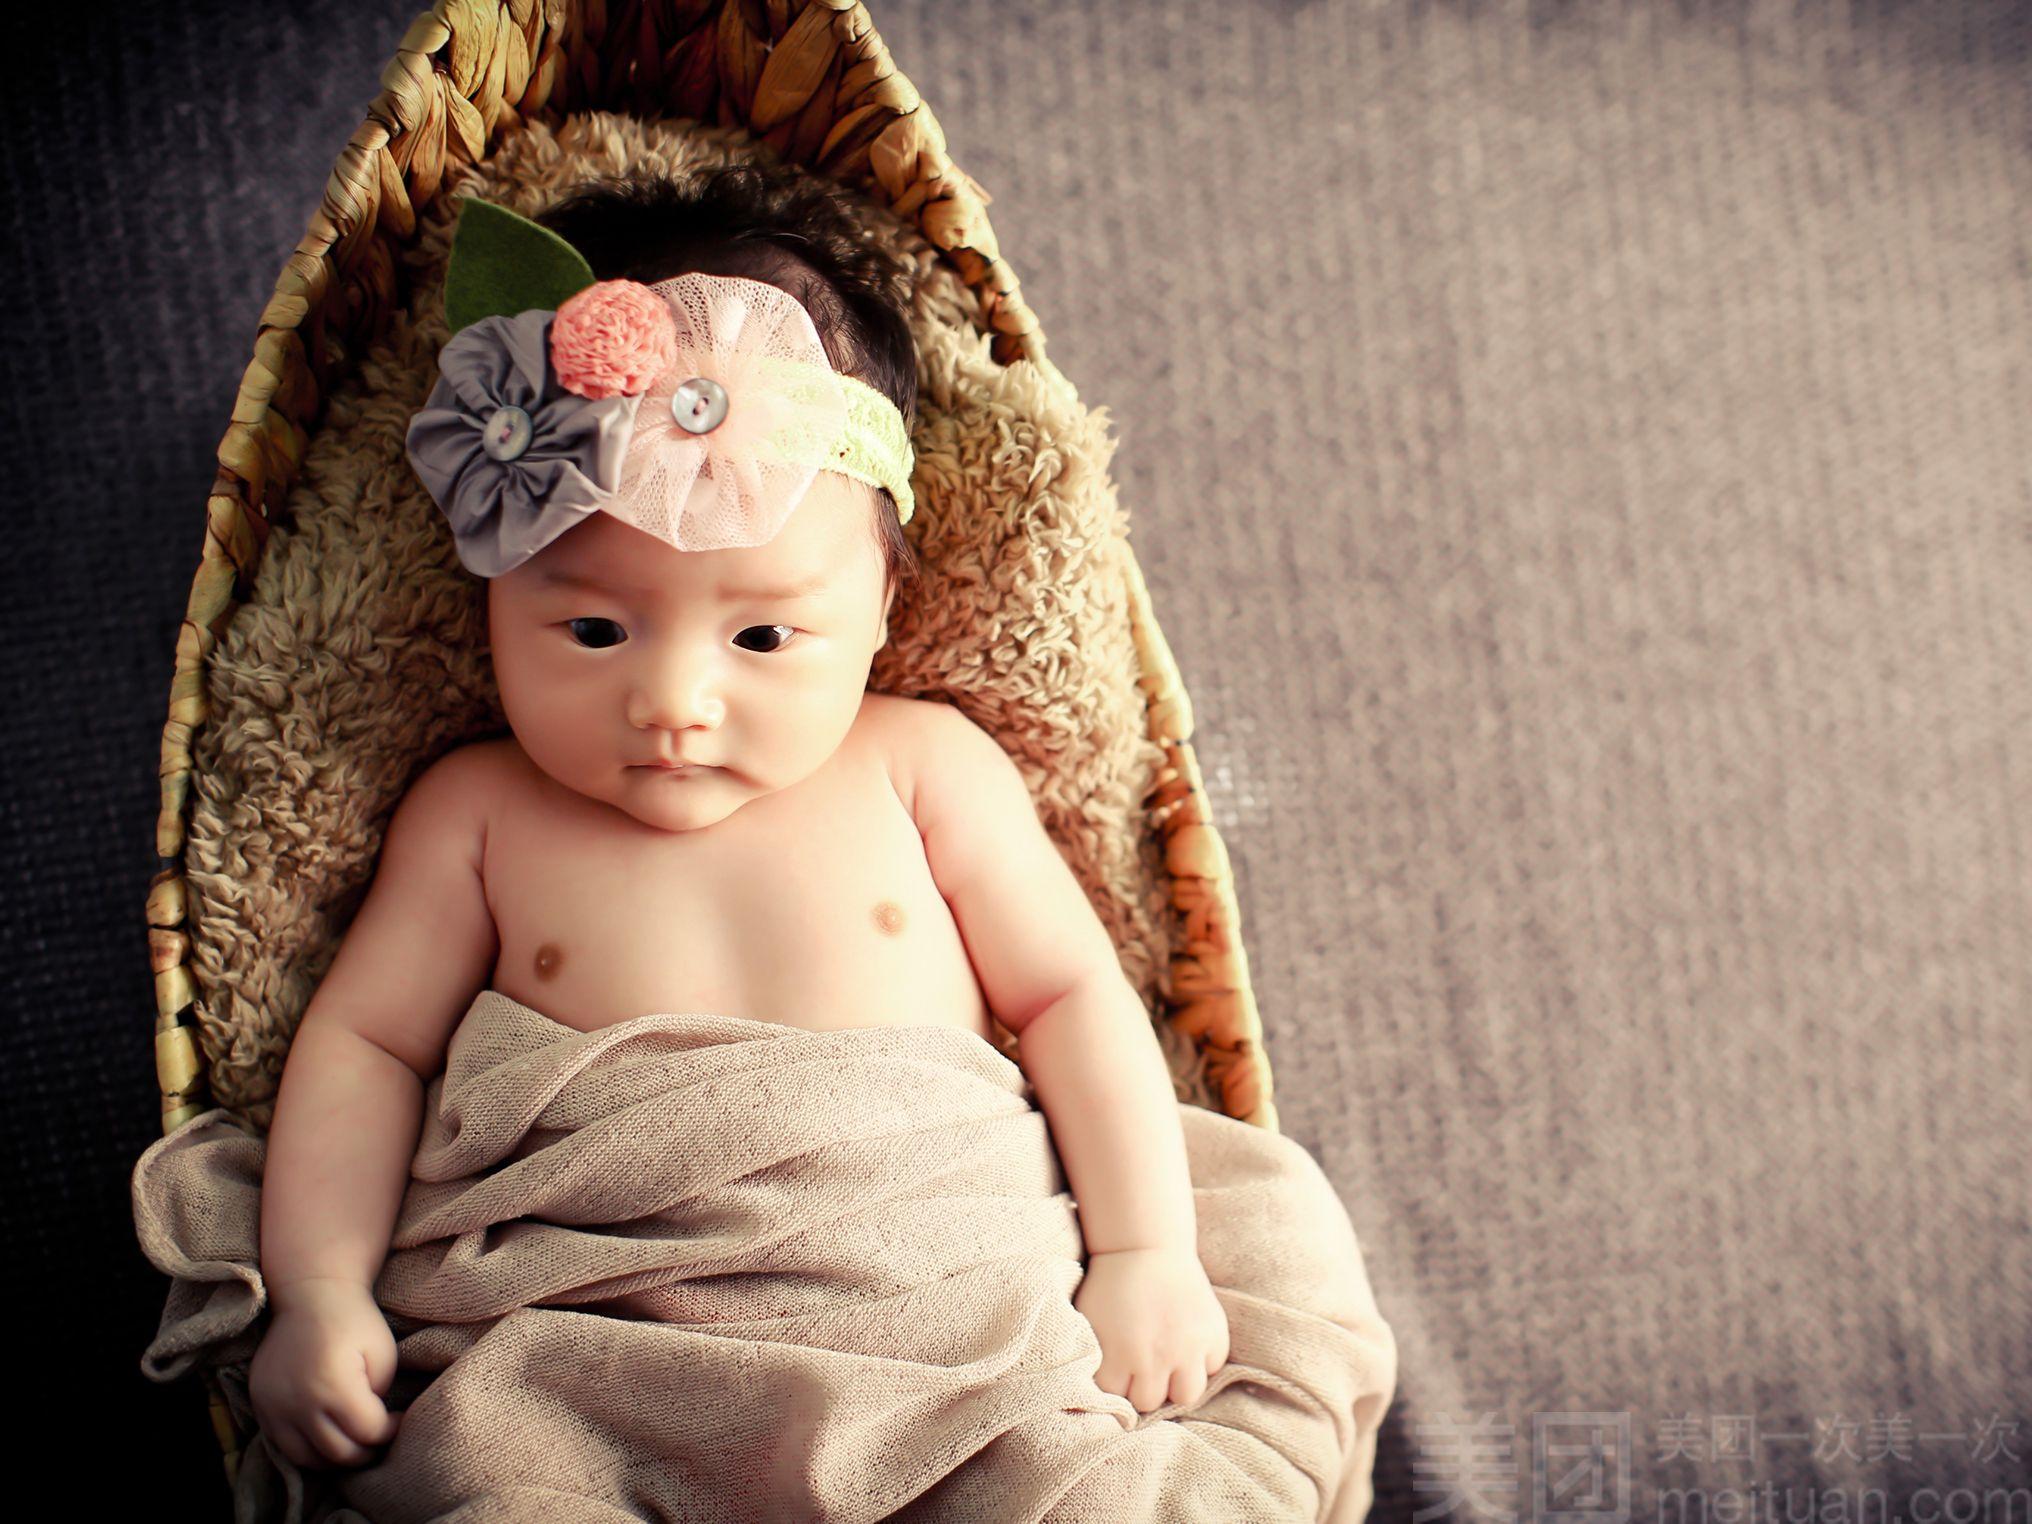 巴中柠檬树专业儿童摄影工作室-美团